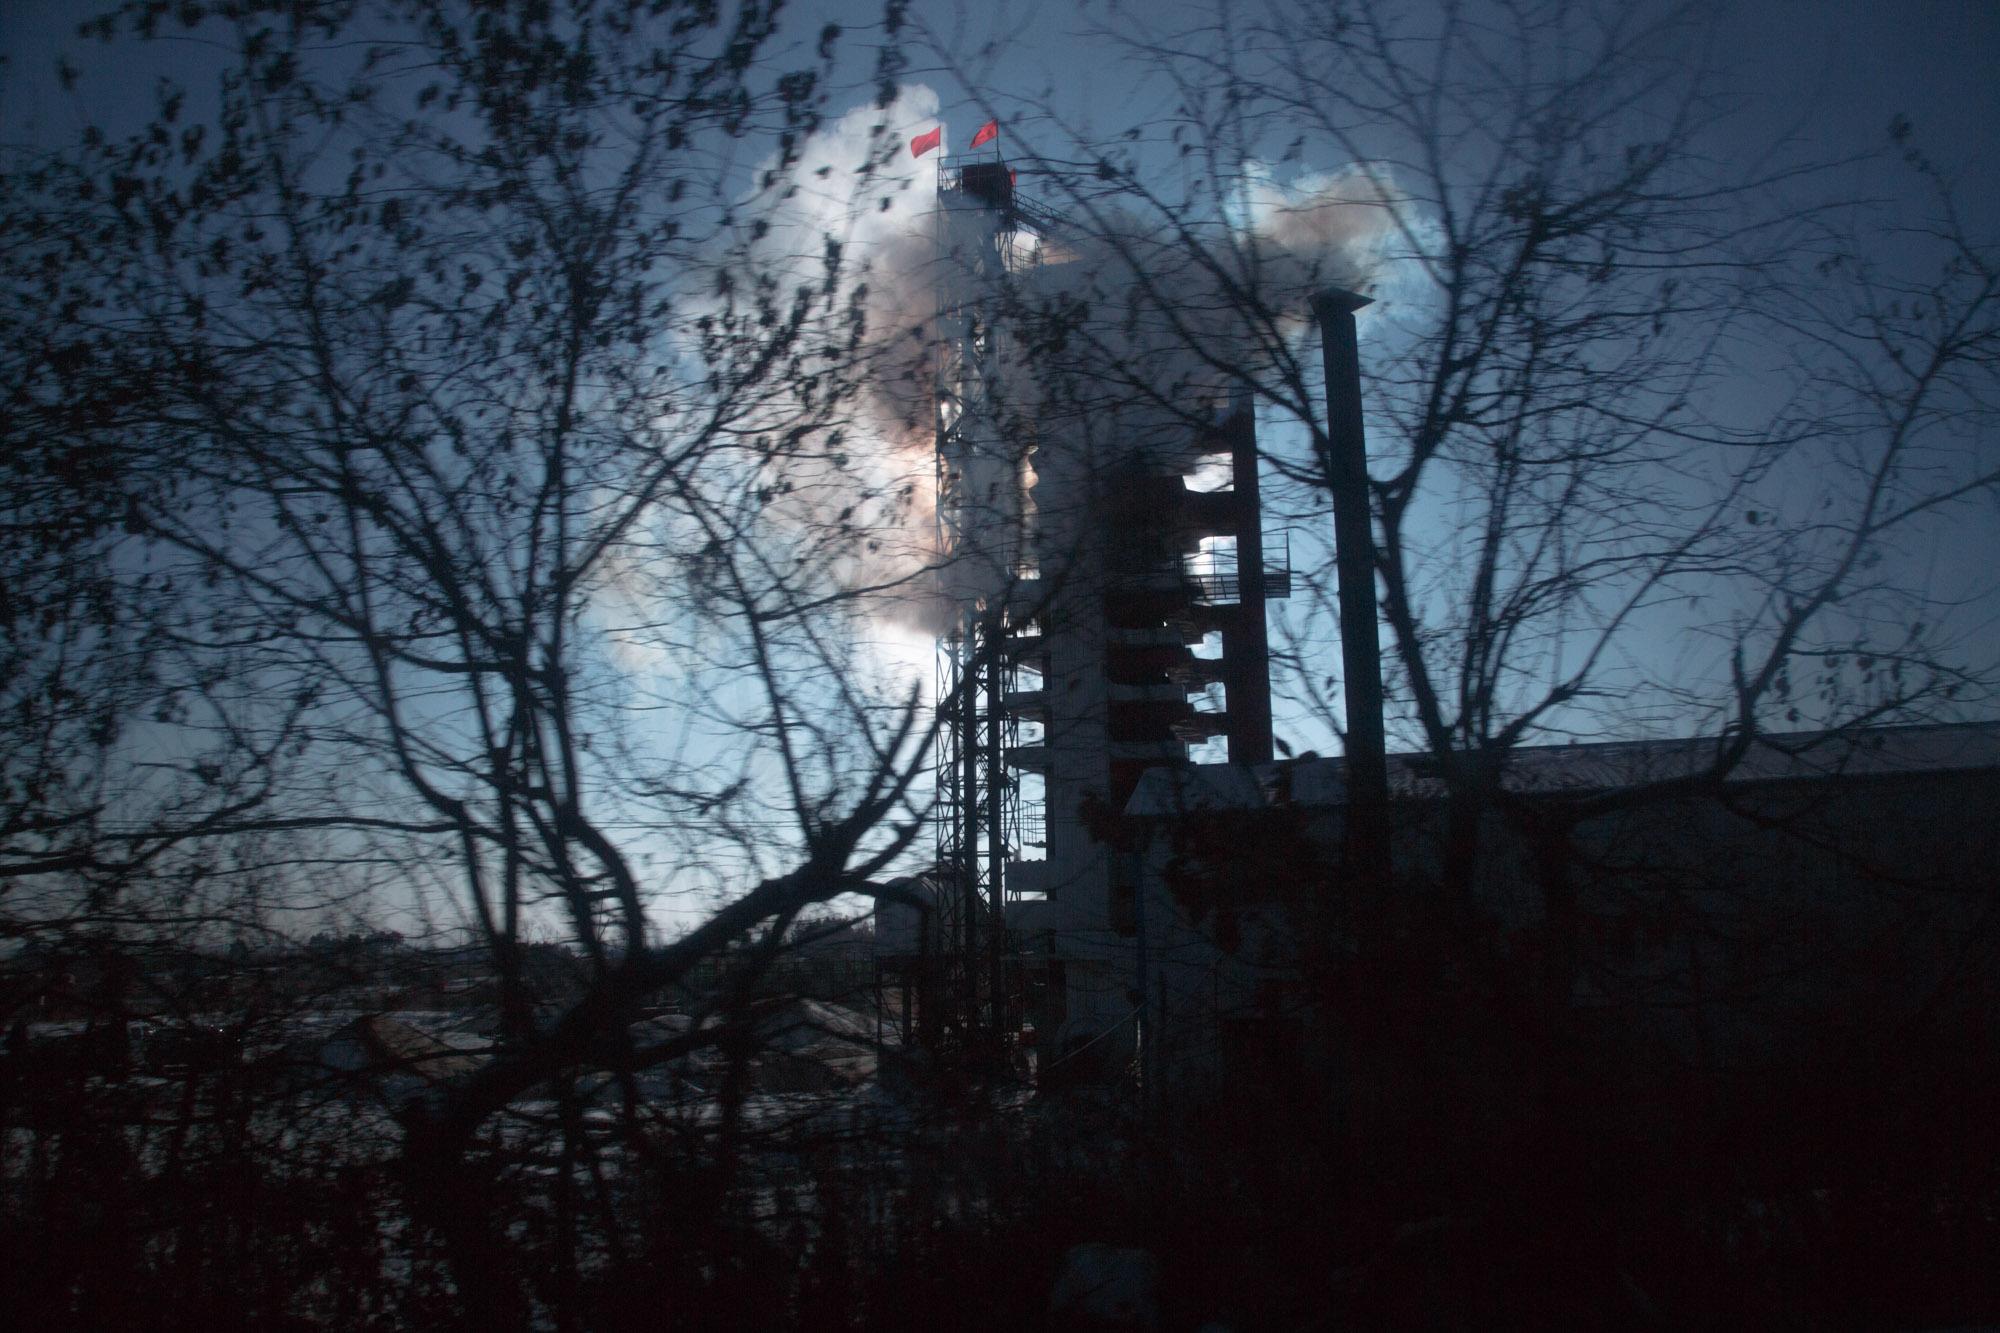 低碳72策:大企业需要考虑建立场景,衔接创新|城市呼吸-第1张图片-华润娱乐